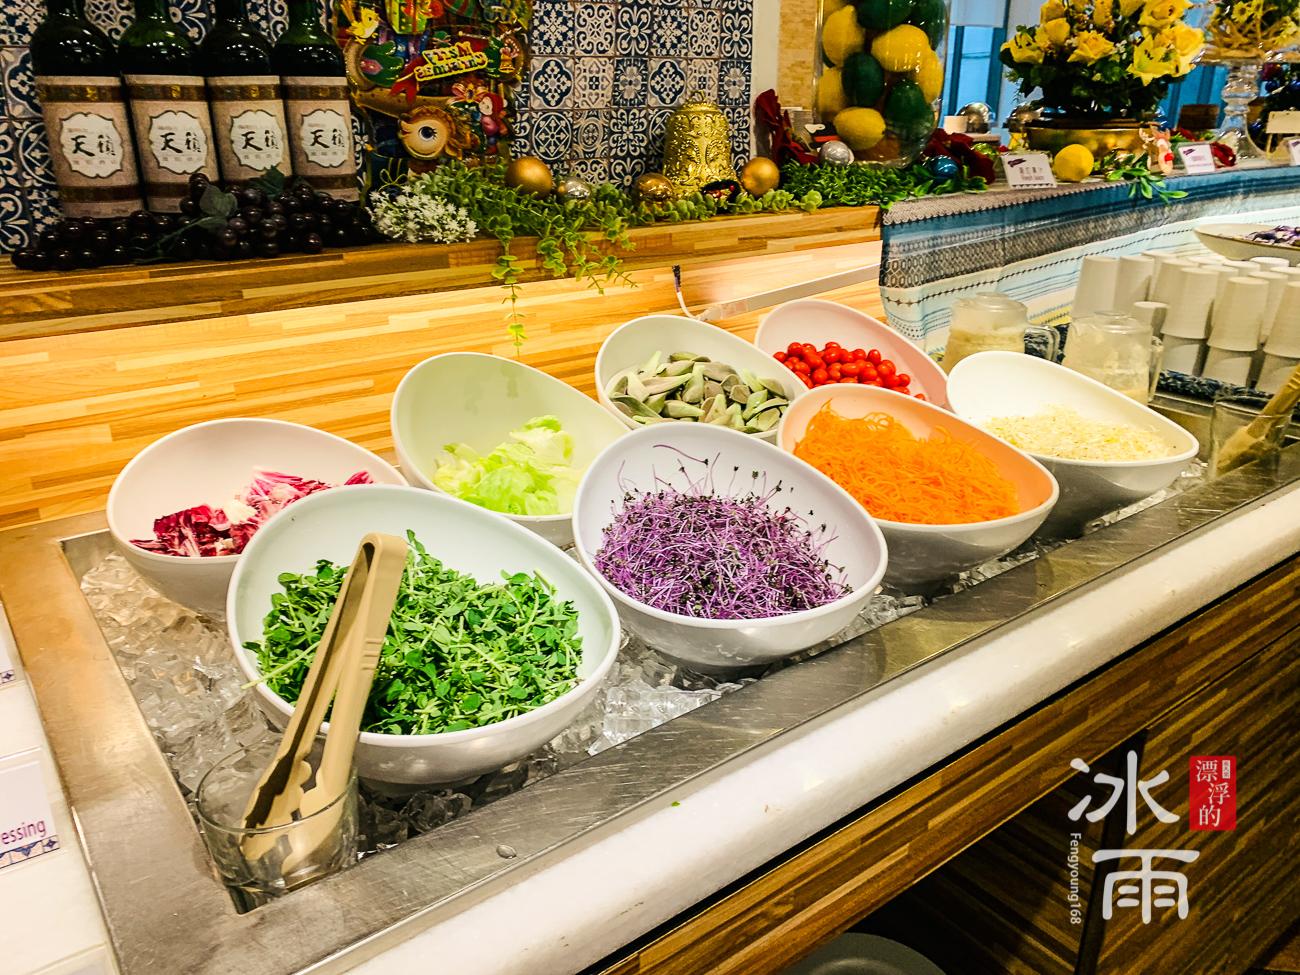 陽明山天籟溫泉會館|早餐菜色|沙拉